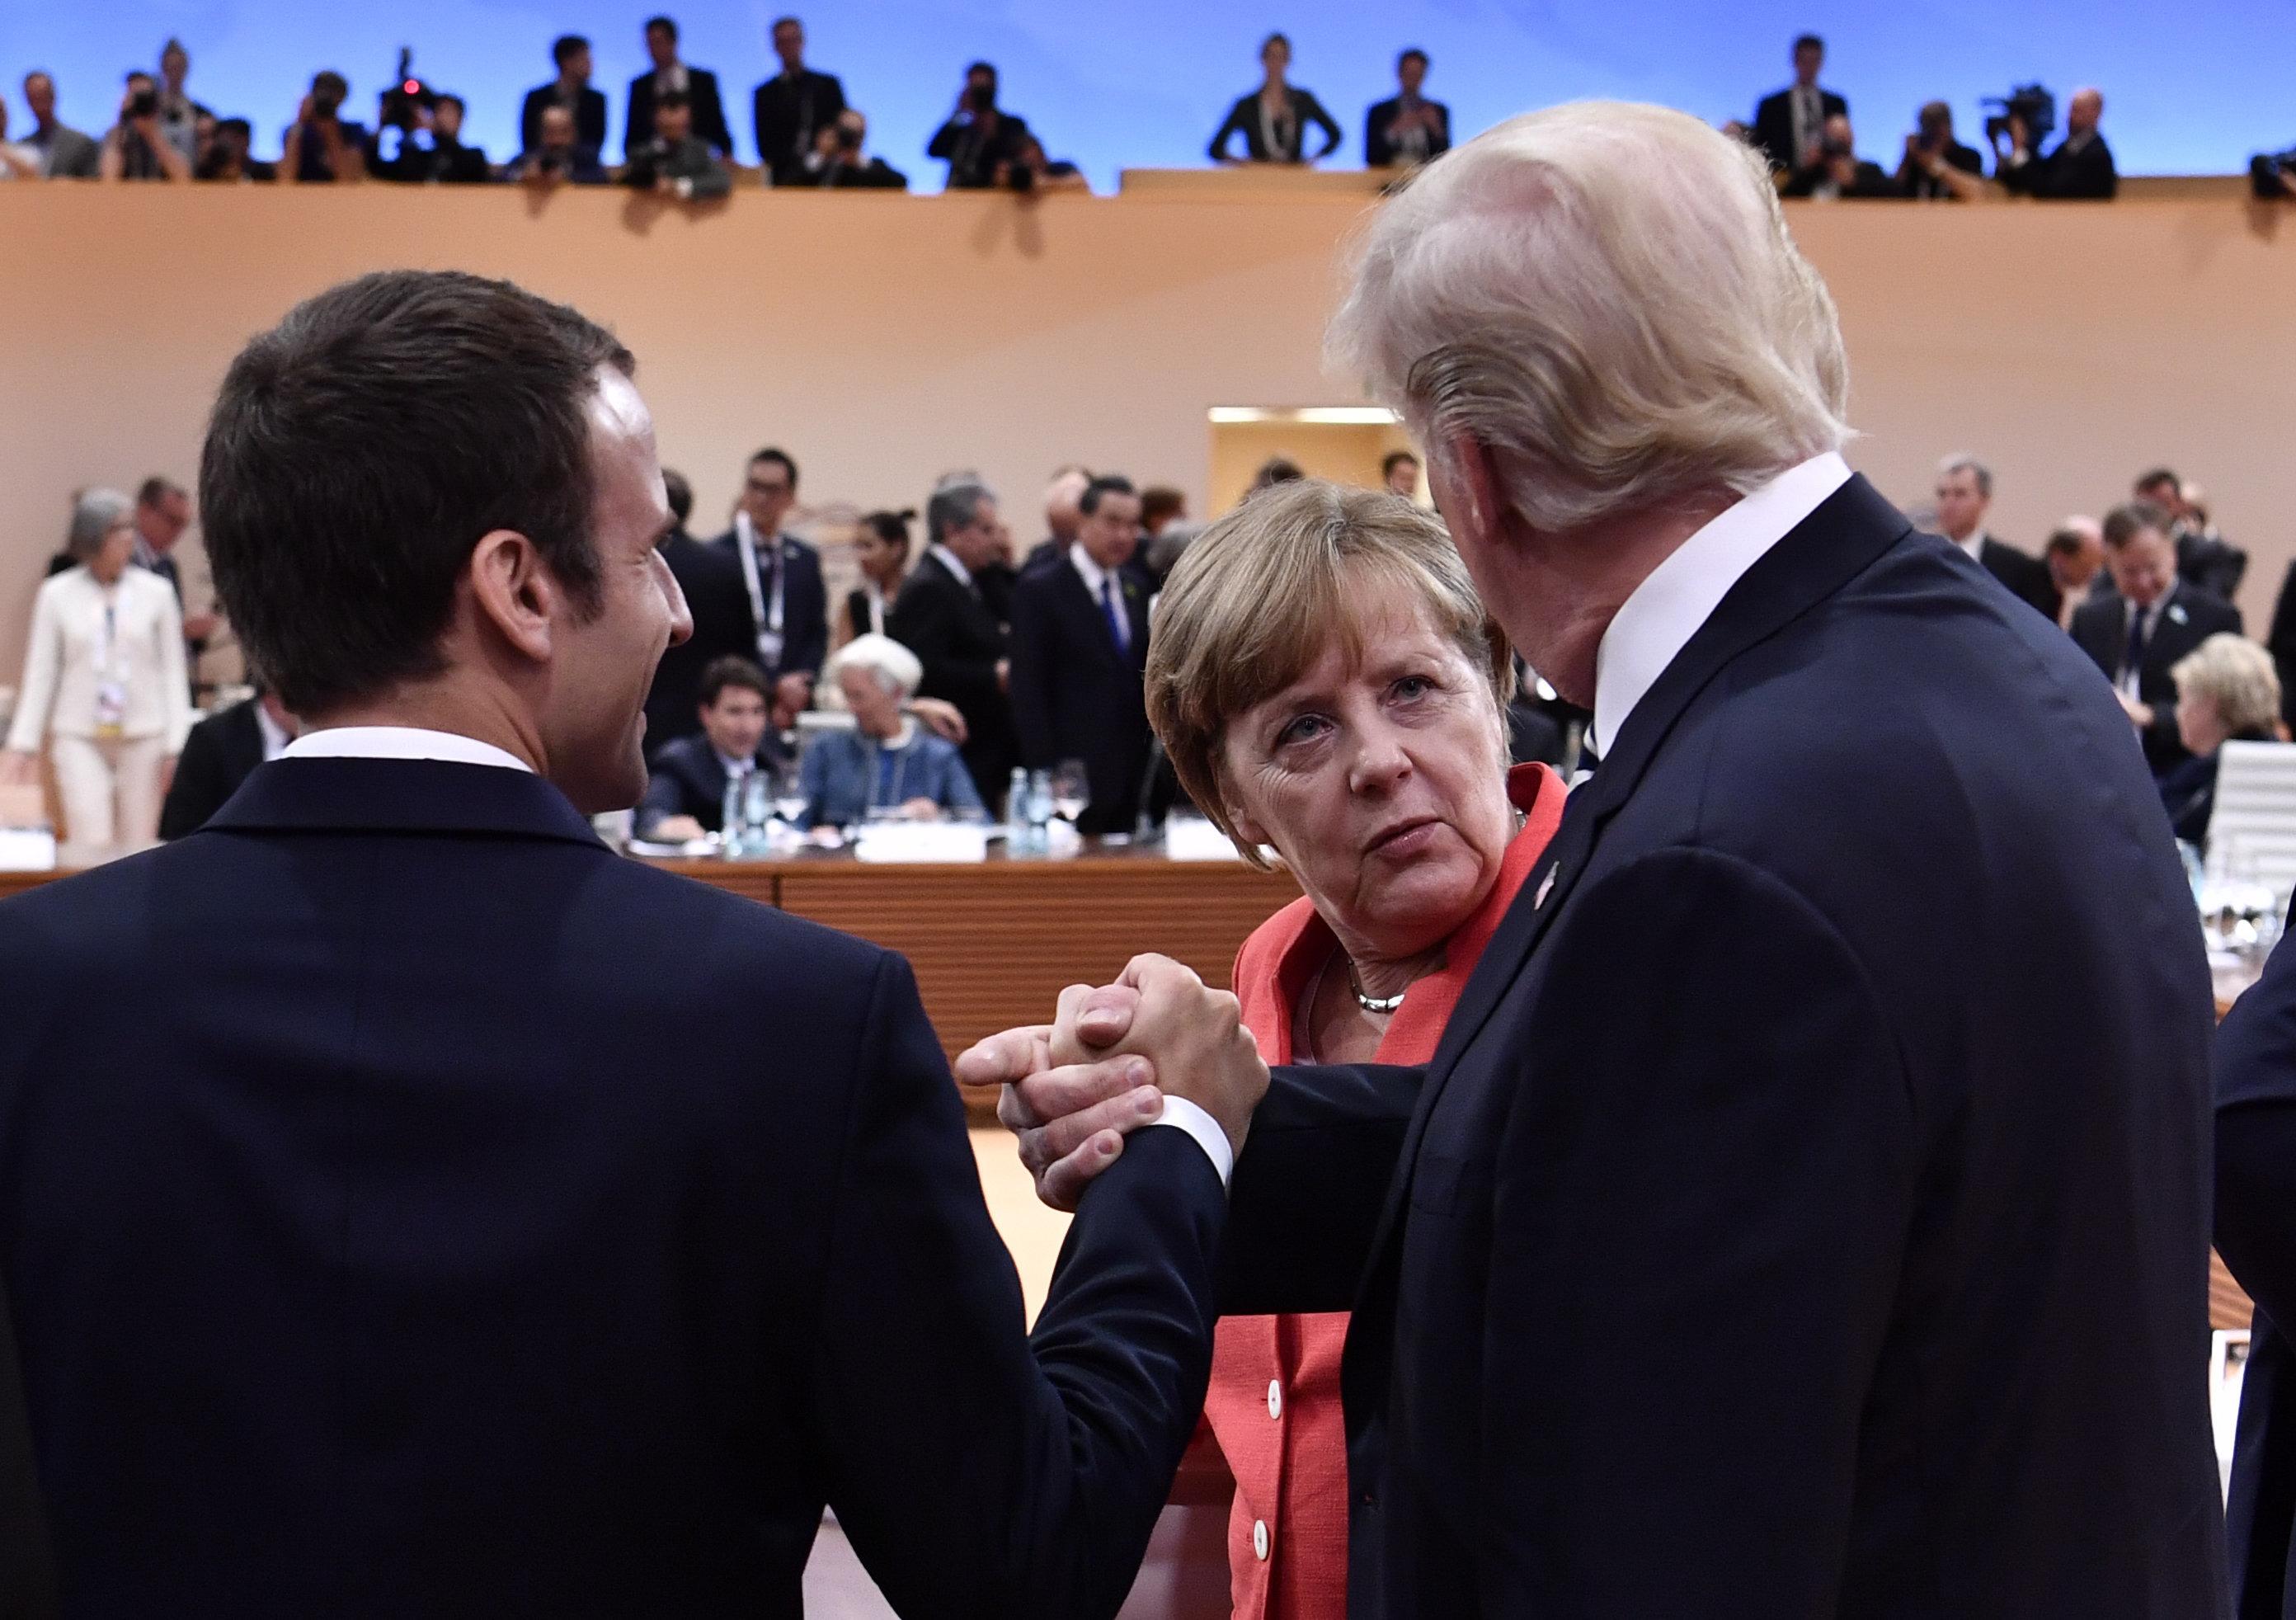 Les Européens songent sérieusement à s'émanciper de l'Amérique de